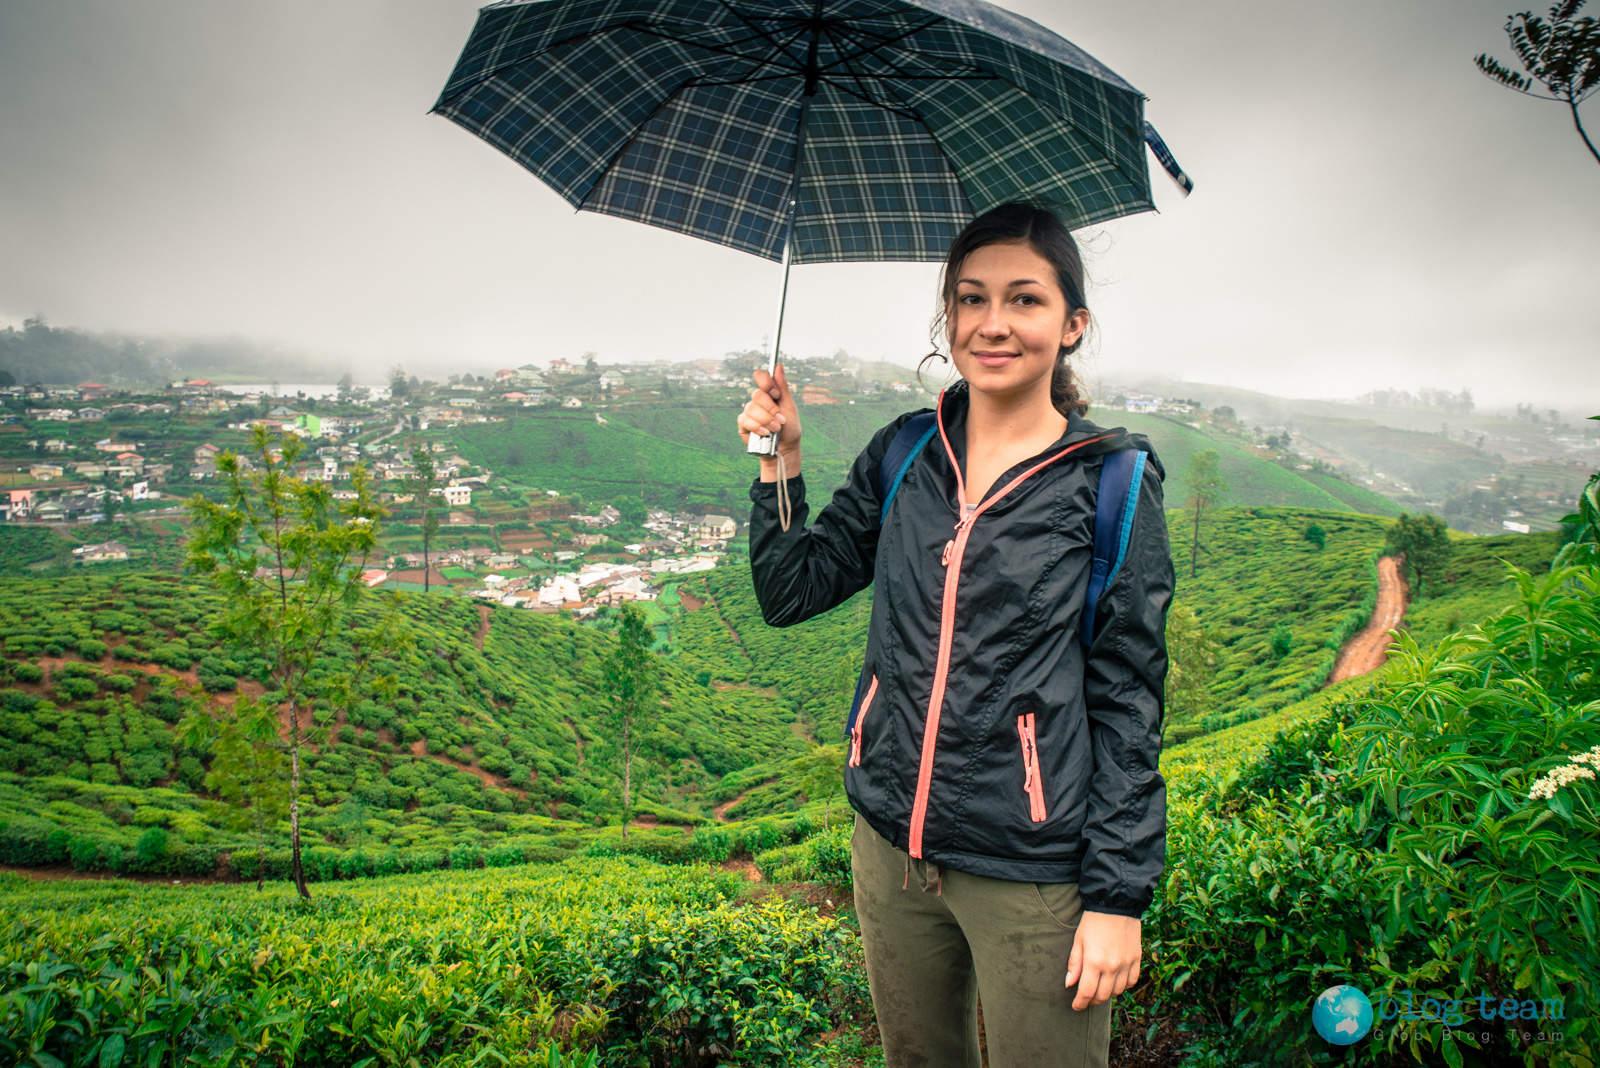 Rain in Nuwara Eliya